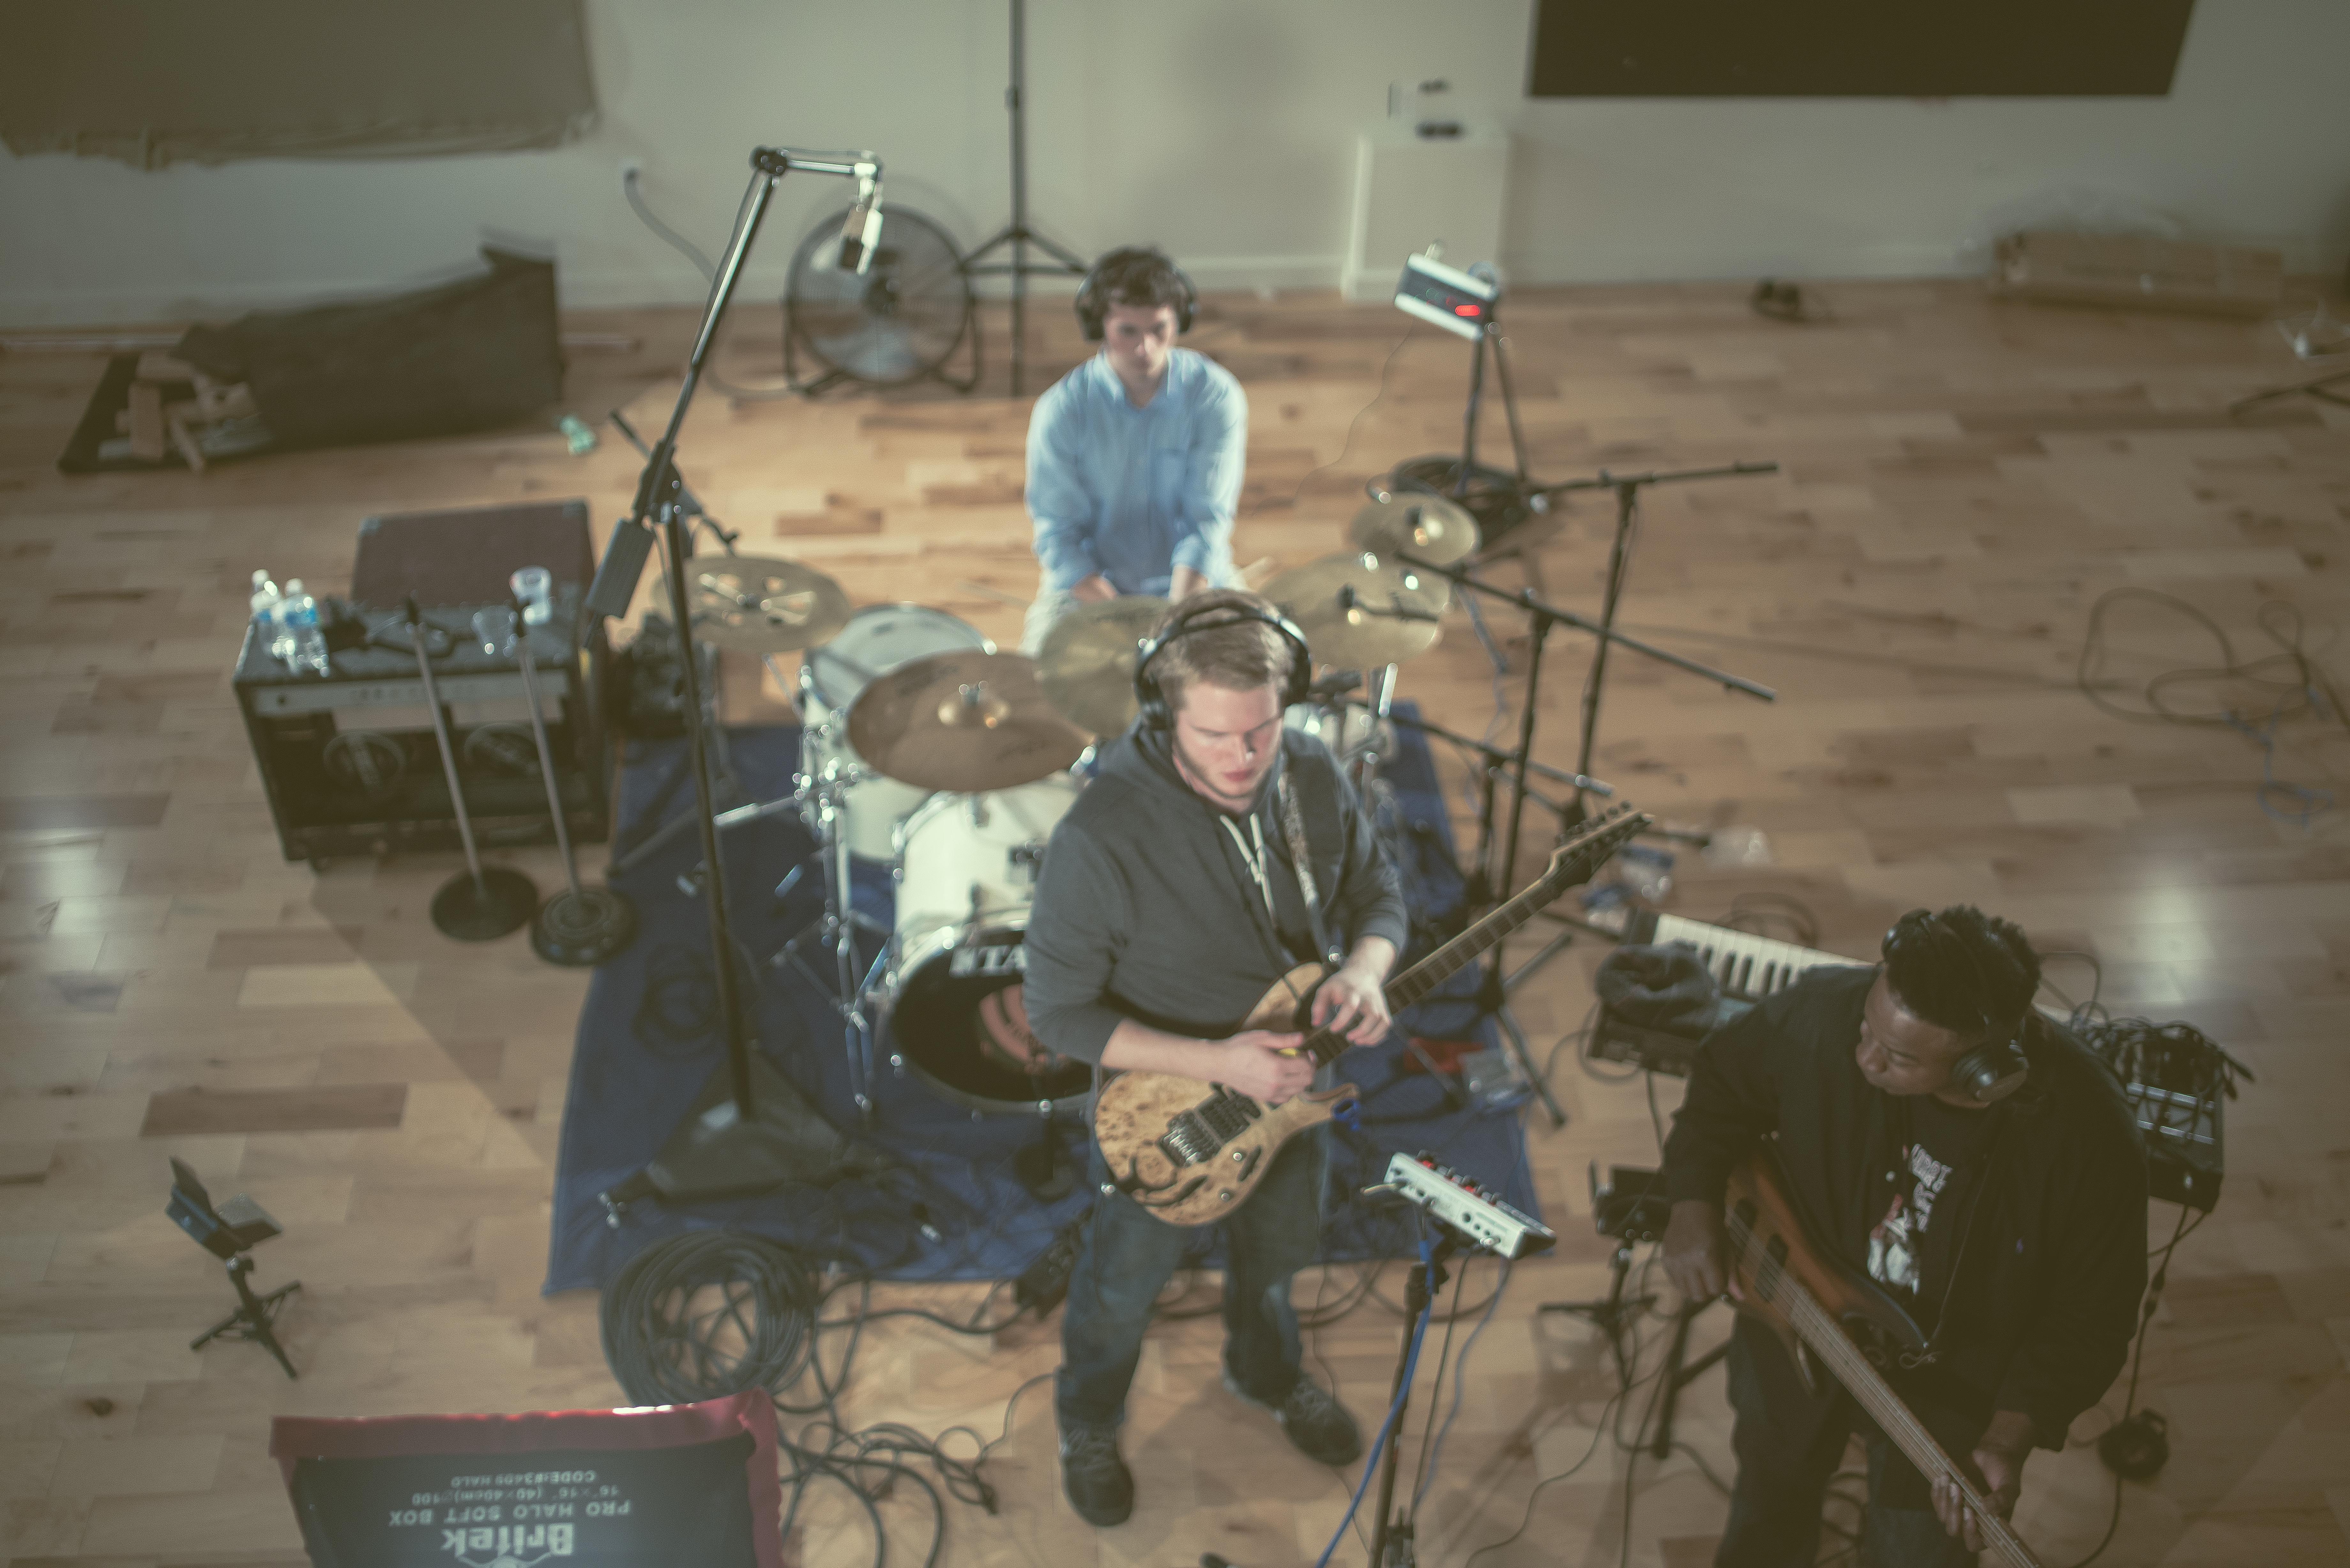 rtheory band